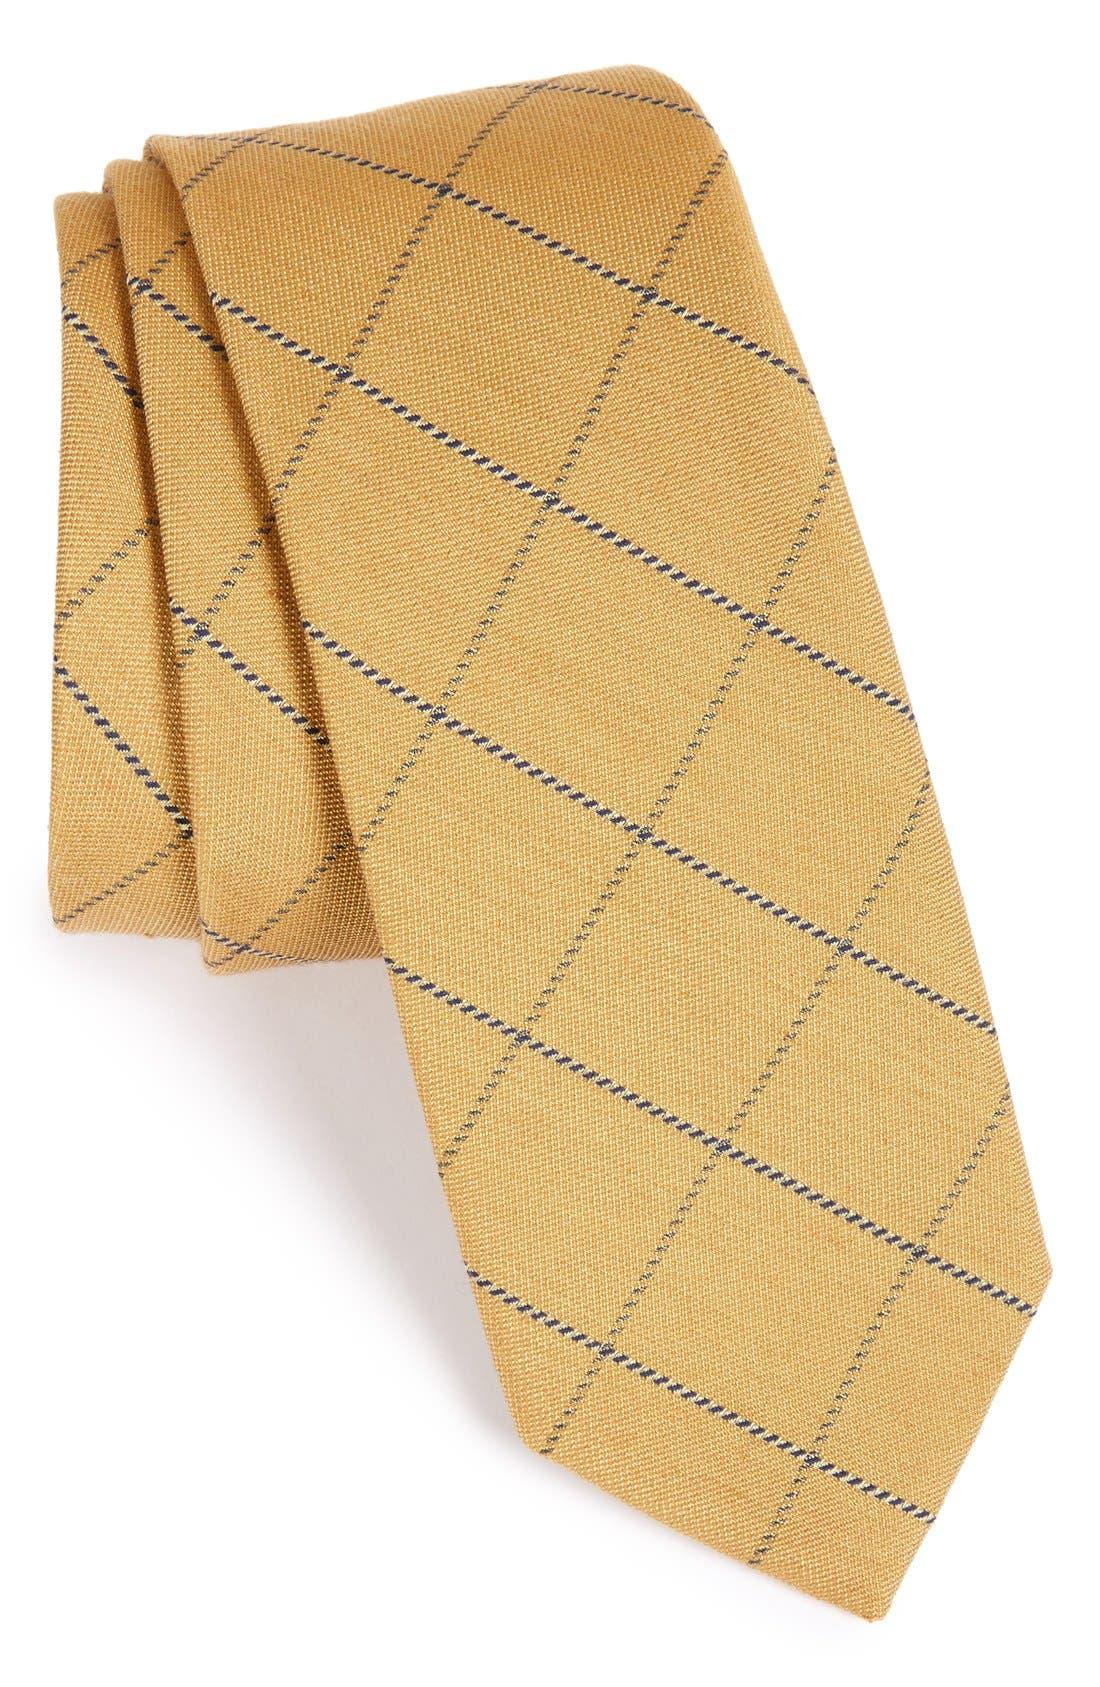 Alternate Image 1 Selected - The Tie Bar Windowpane Wool & Silk Tie